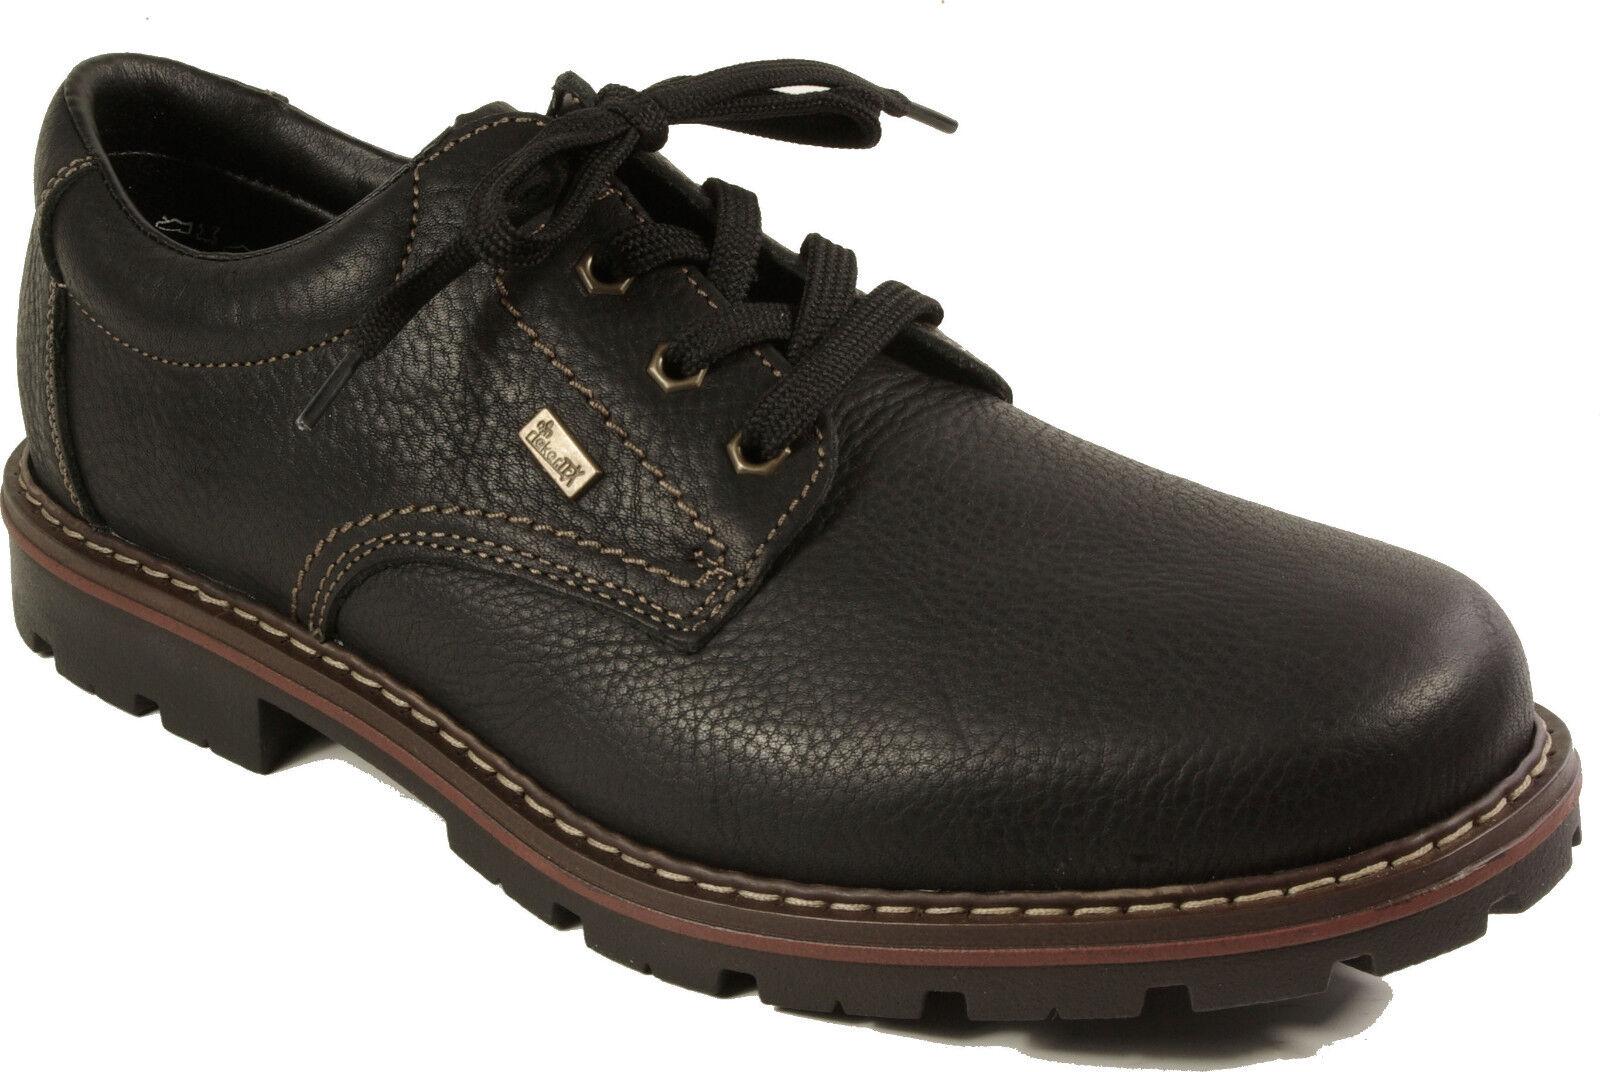 Rieker zapatos brogues. Zapatos de cuero. Nuevo rieker Tex negro.